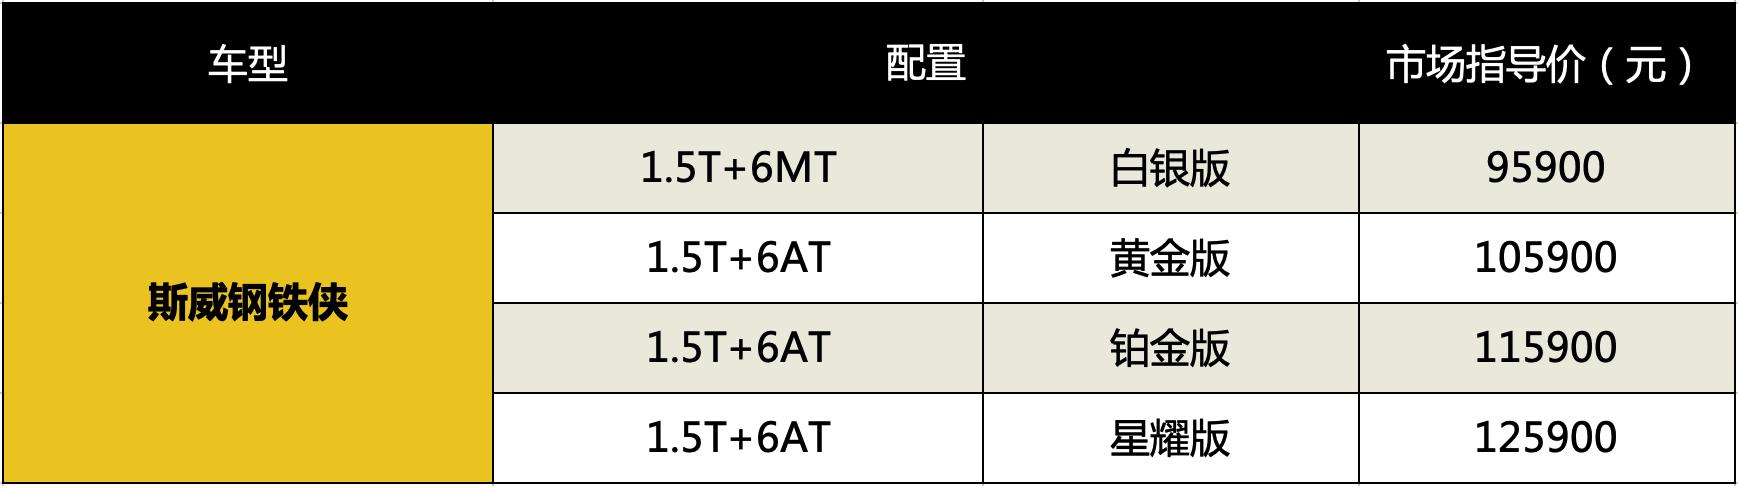 菲娱4官网-首页【1.1.6】